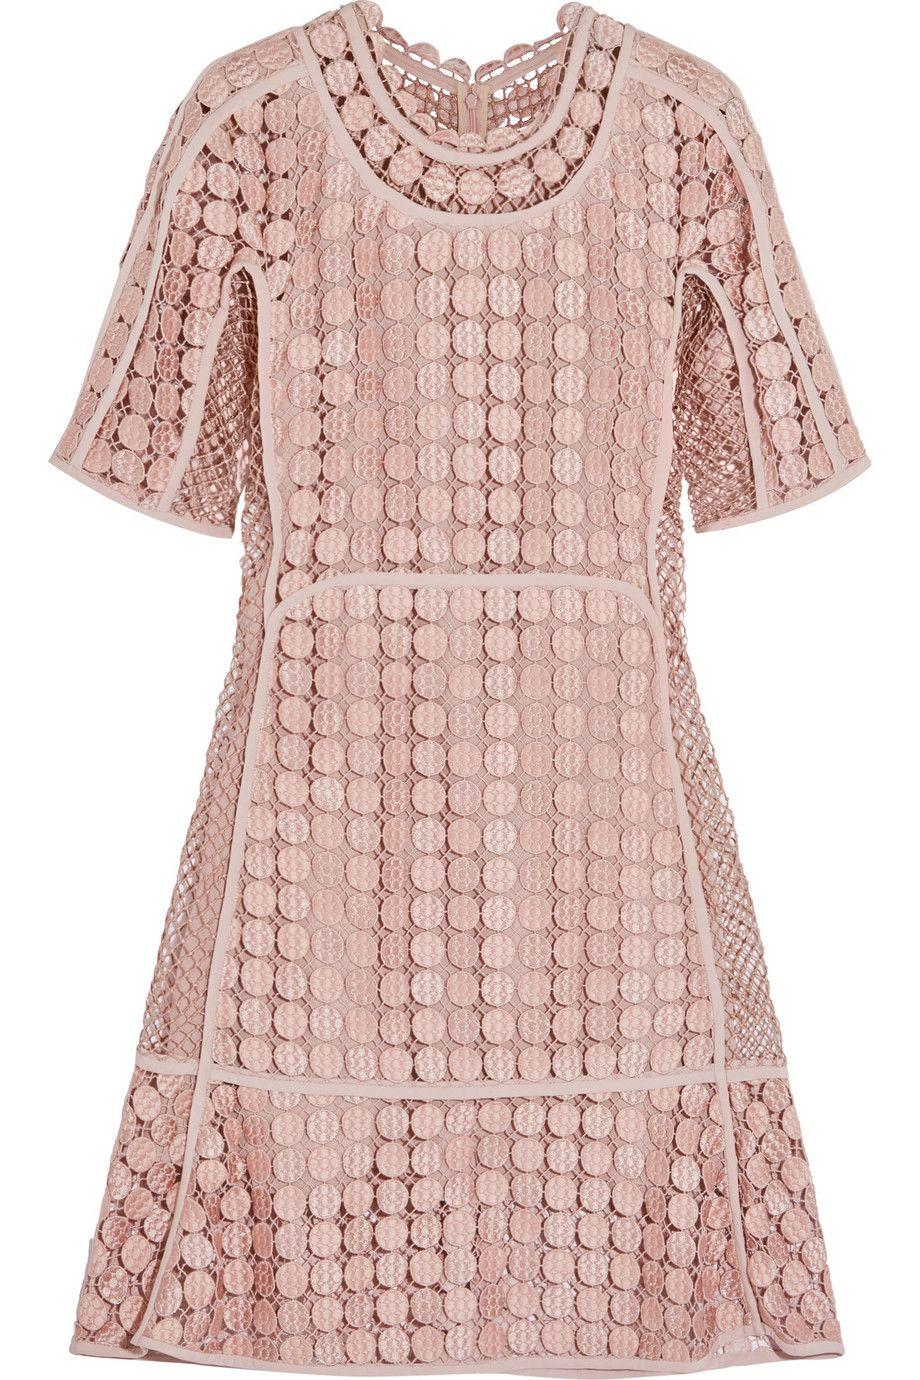 Chloémacramé lace dressfront s t y l e pinterest lace dress